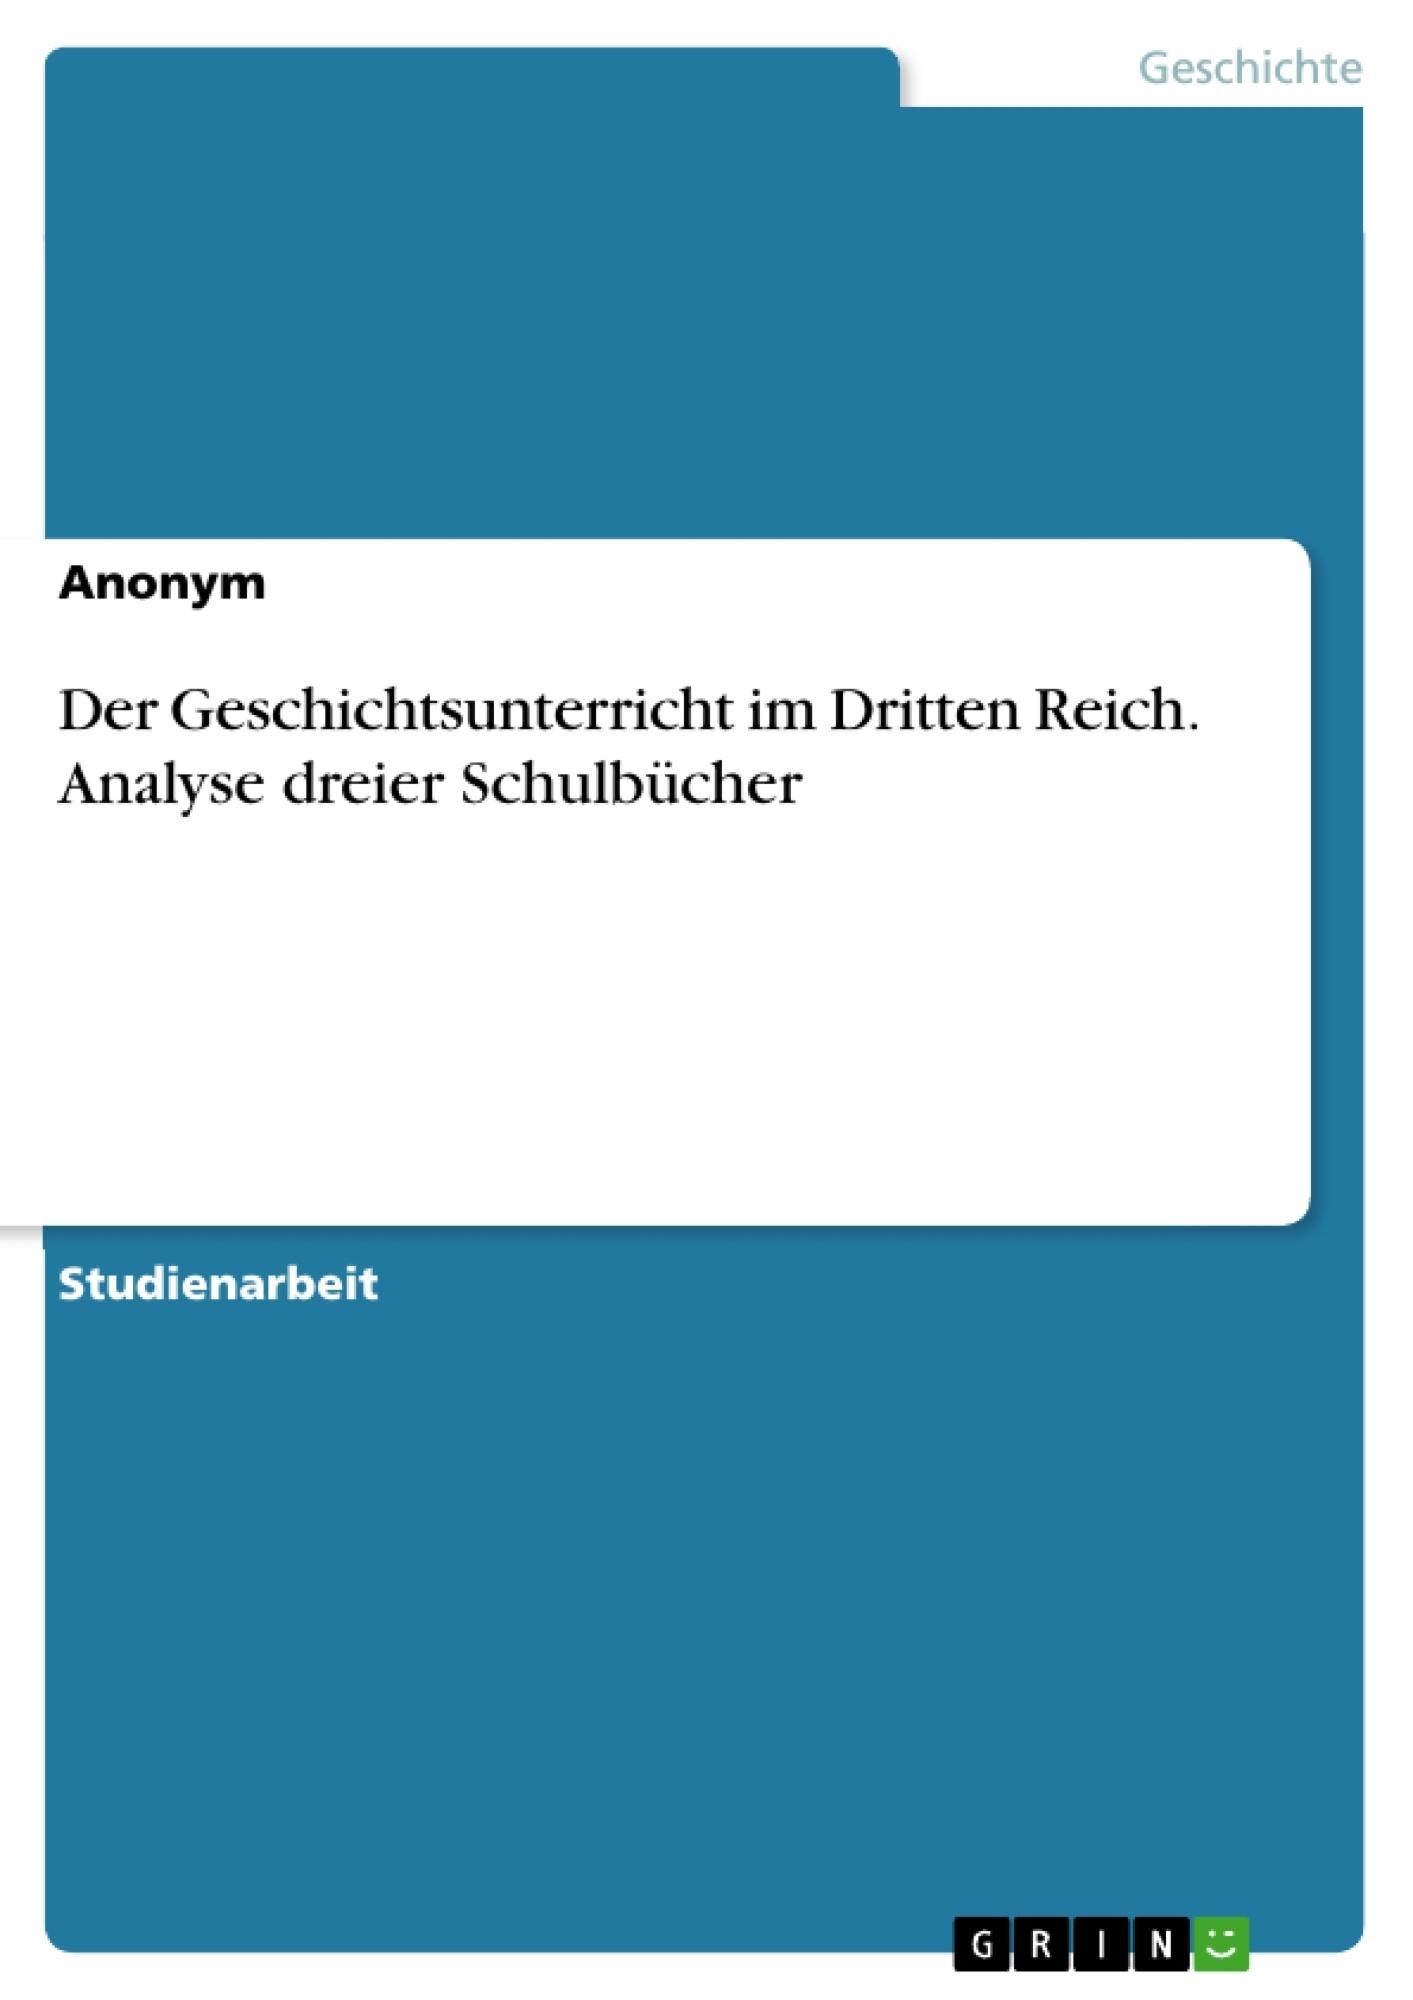 Titel: Der Geschichtsunterricht im Dritten Reich. Analyse dreier Schulbücher